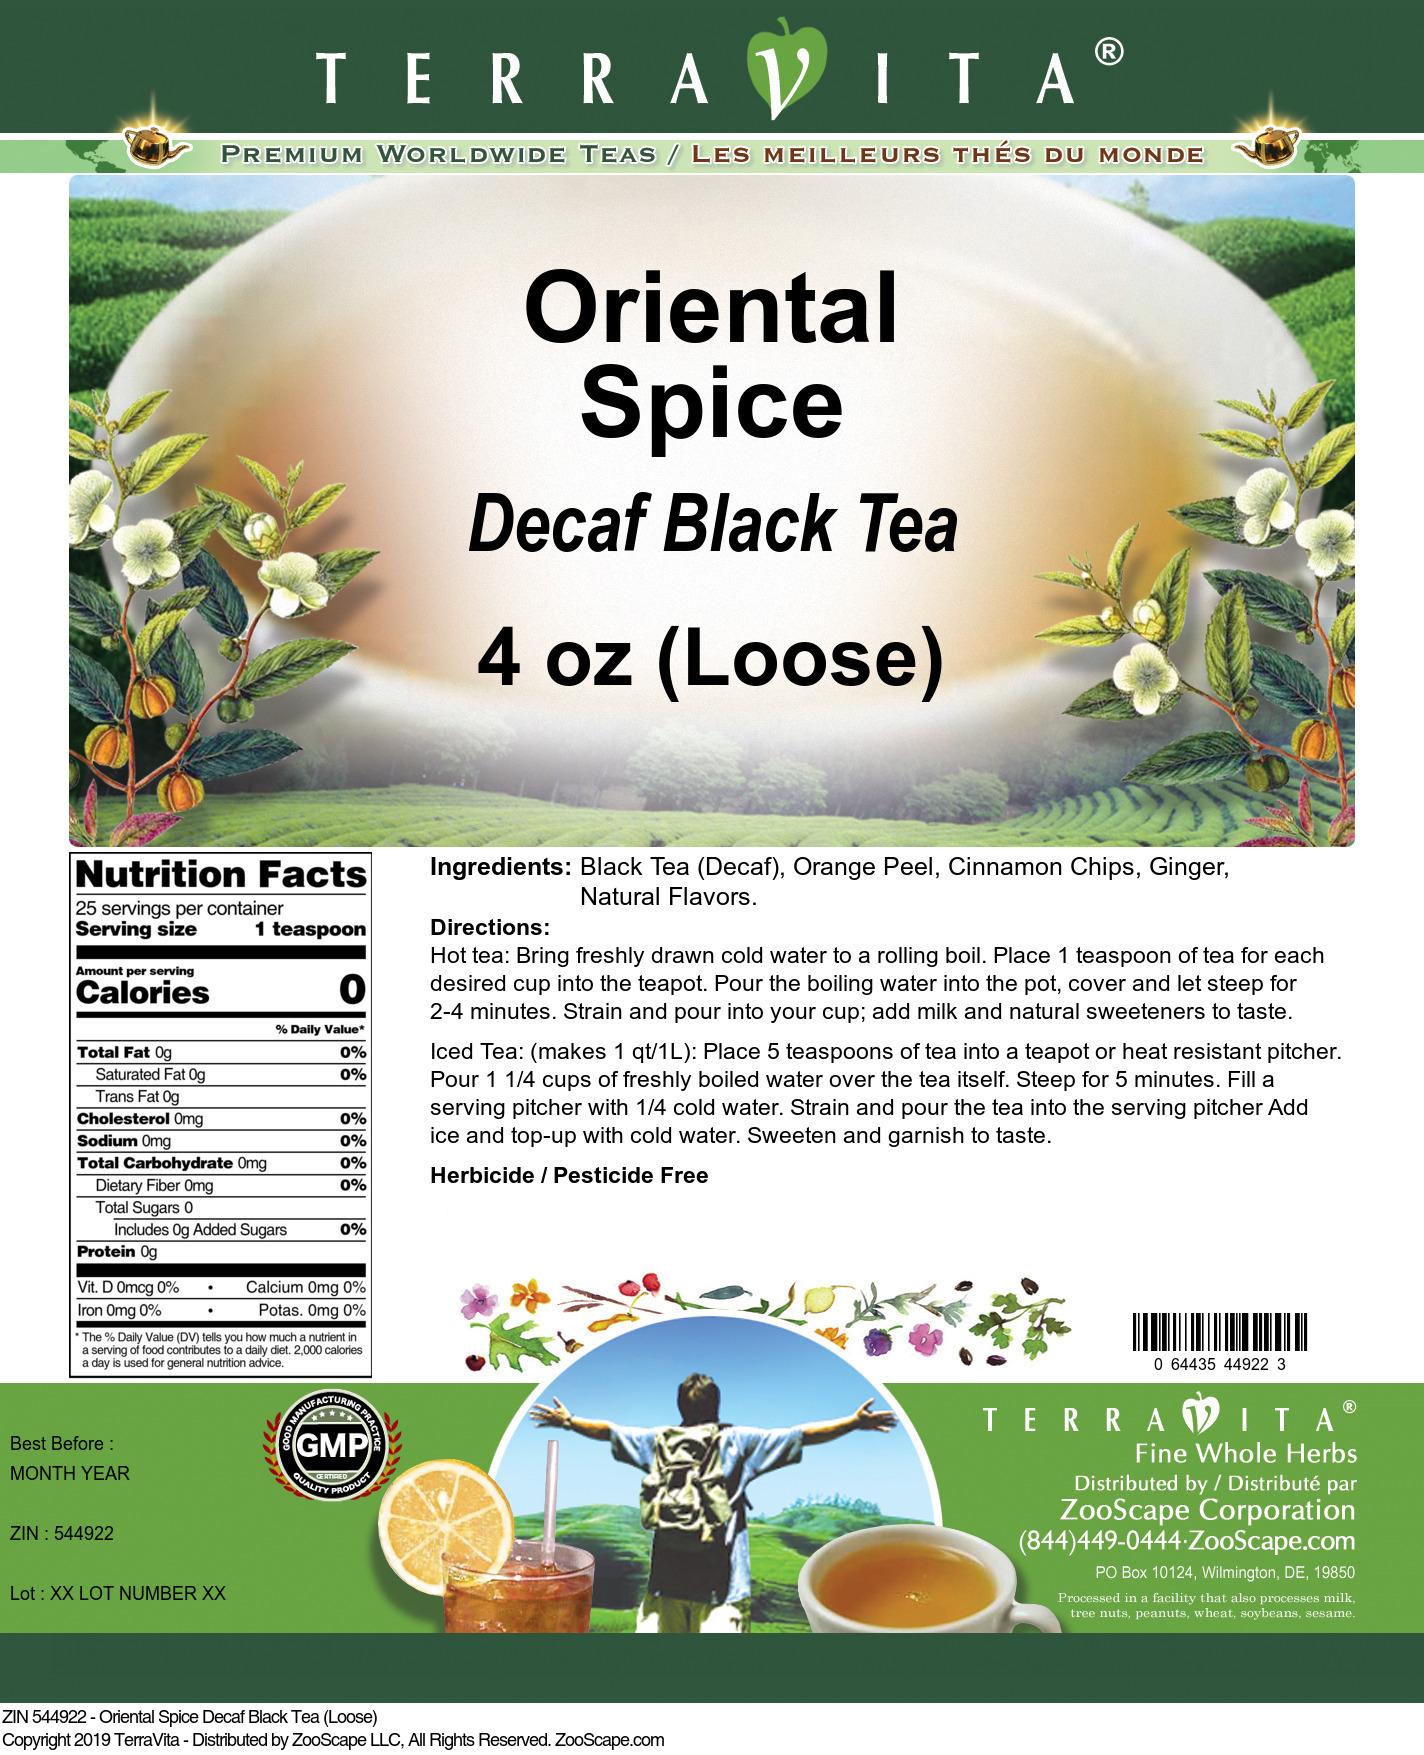 Oriental Spice Decaf Black Tea (Loose)